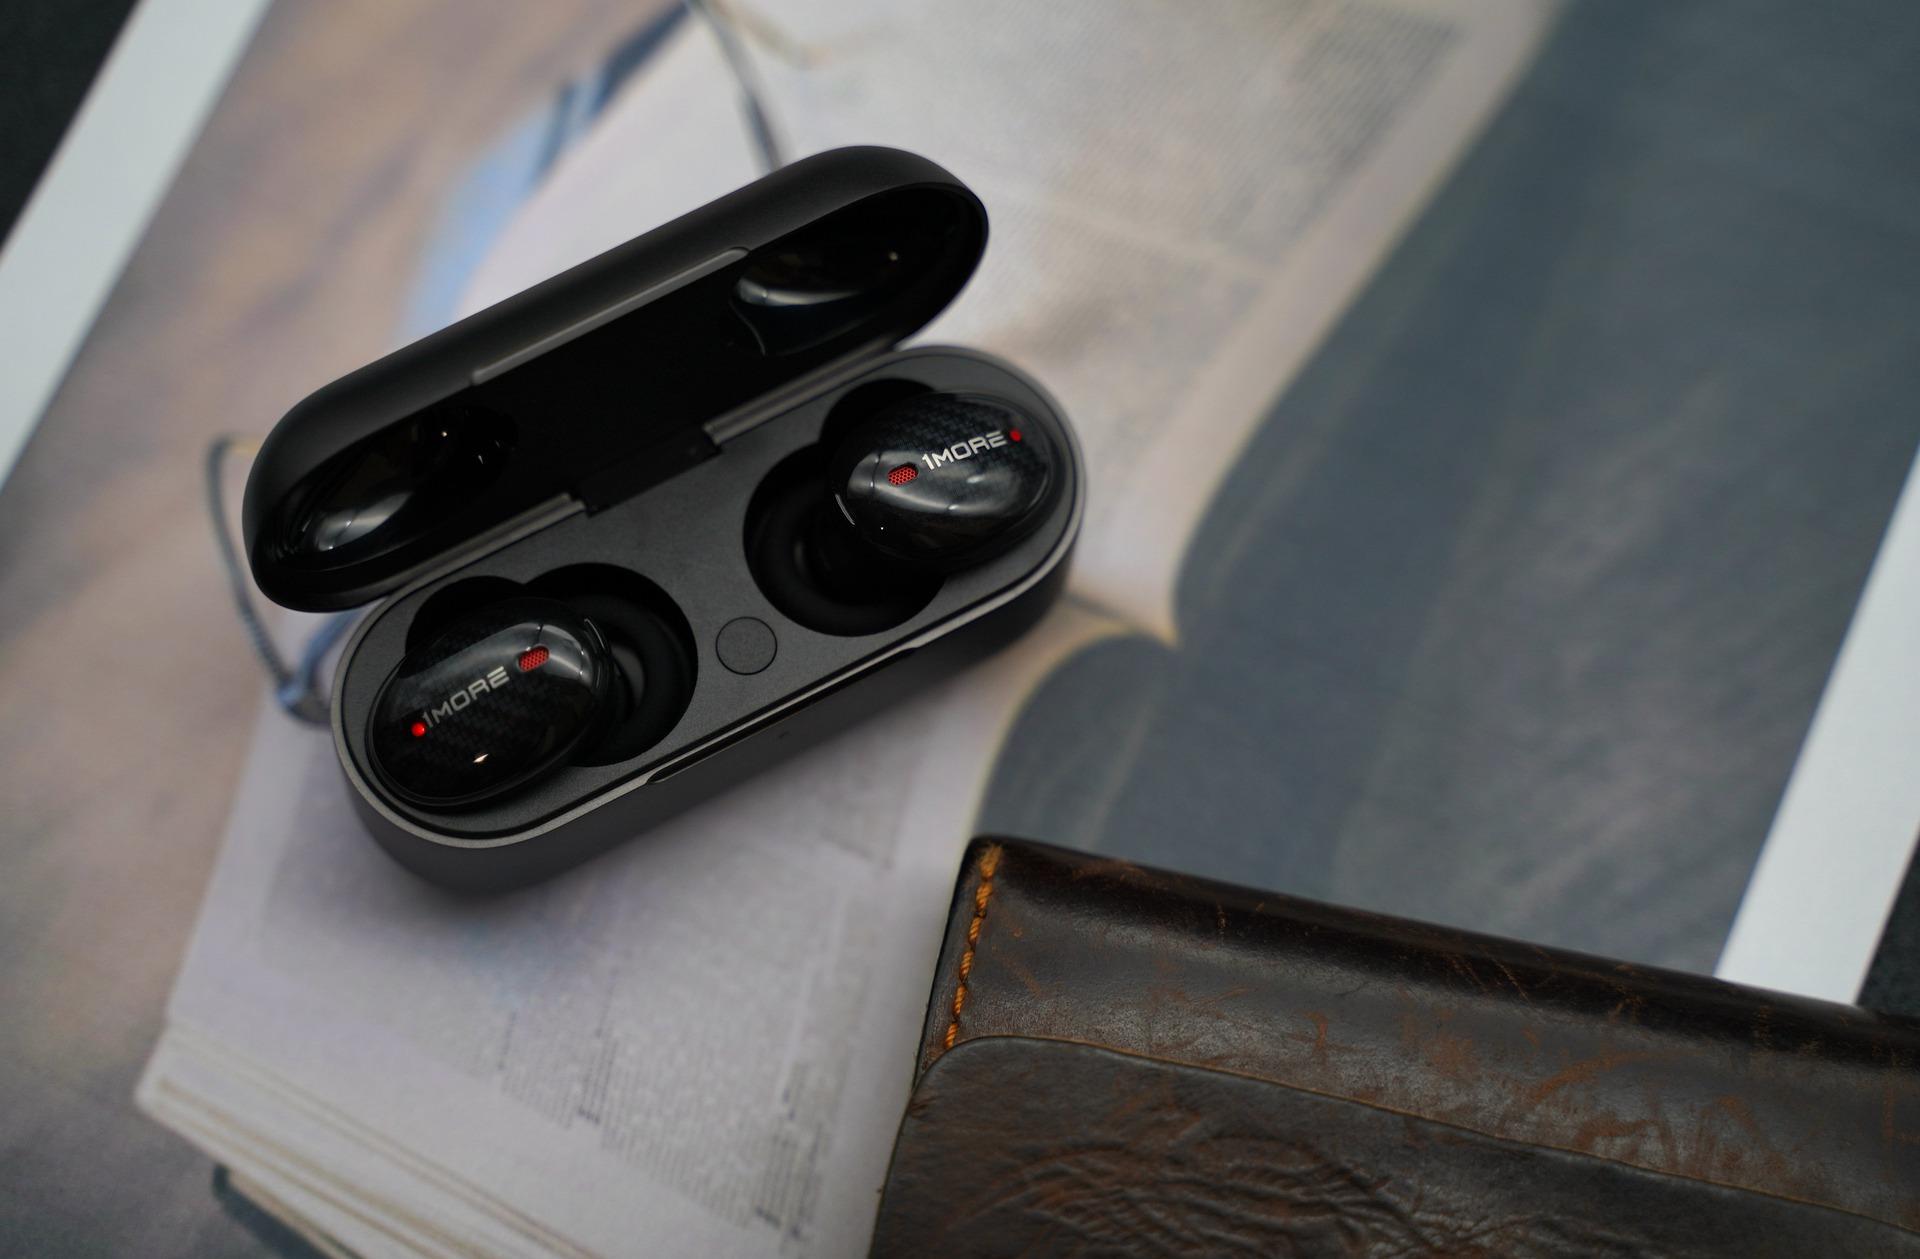 Imagem mostra fones de ouvido bluetooth em detalhe.